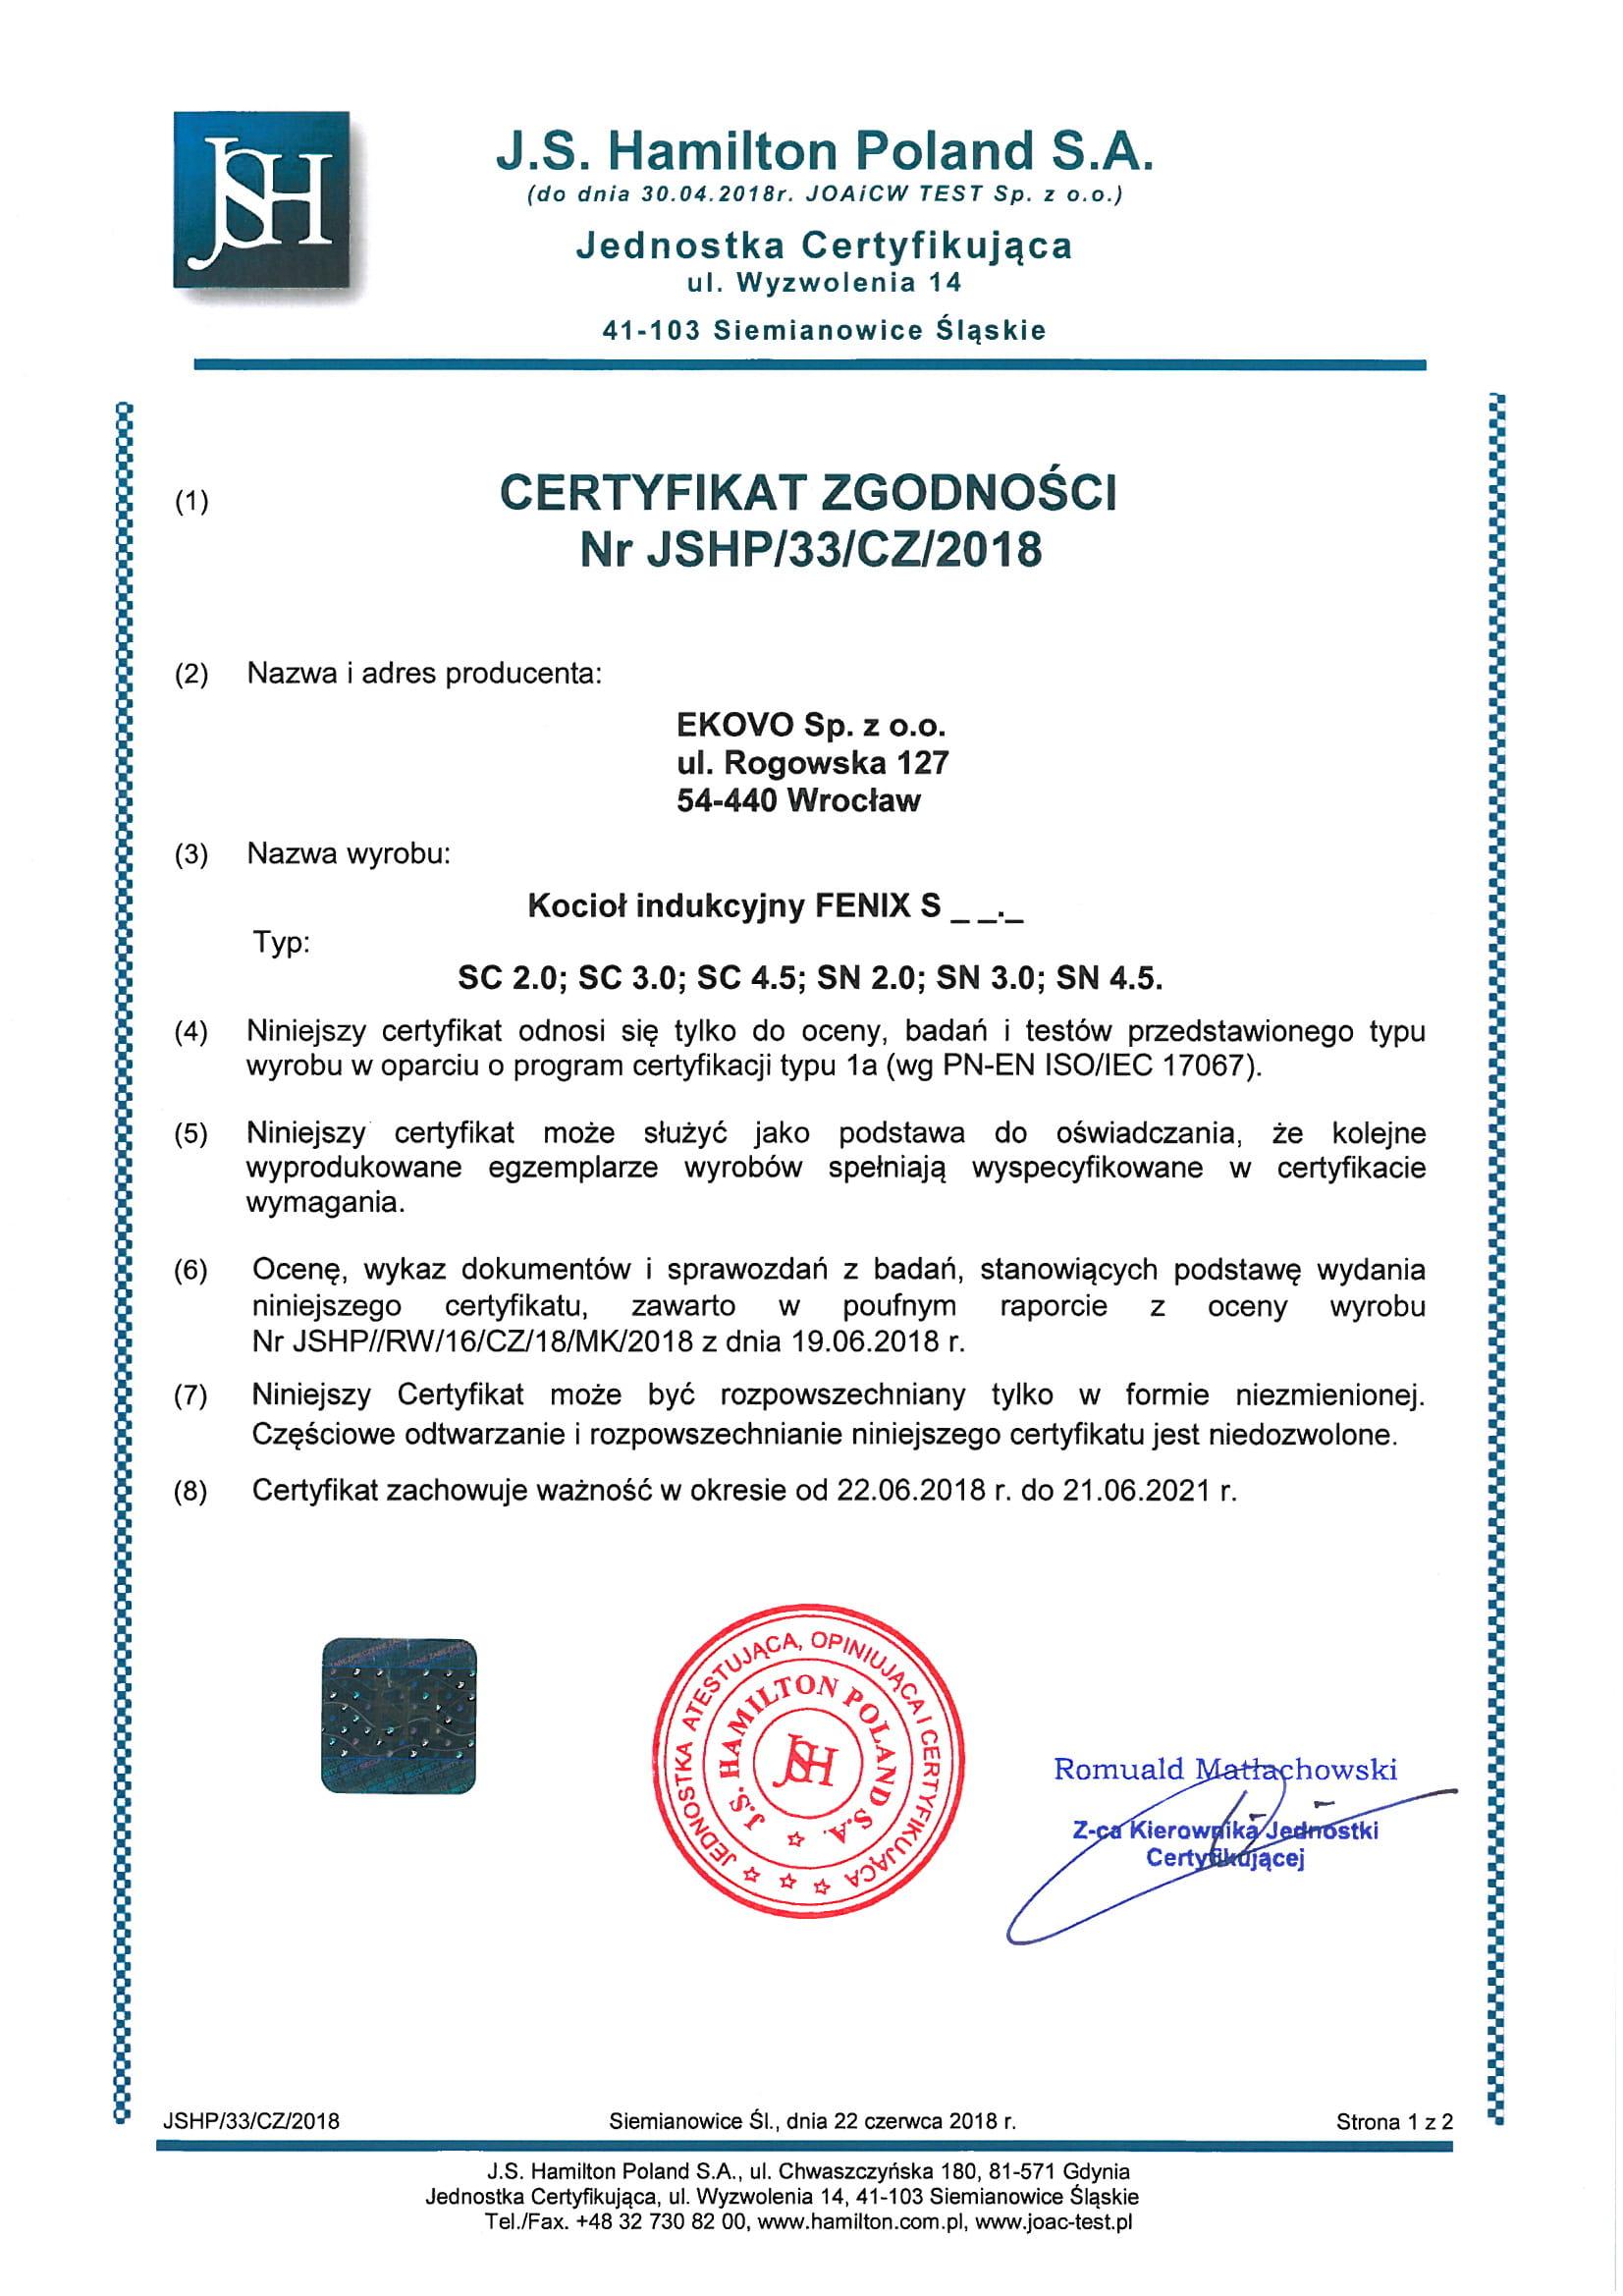 Certyfikat zgodności kotła Fenix